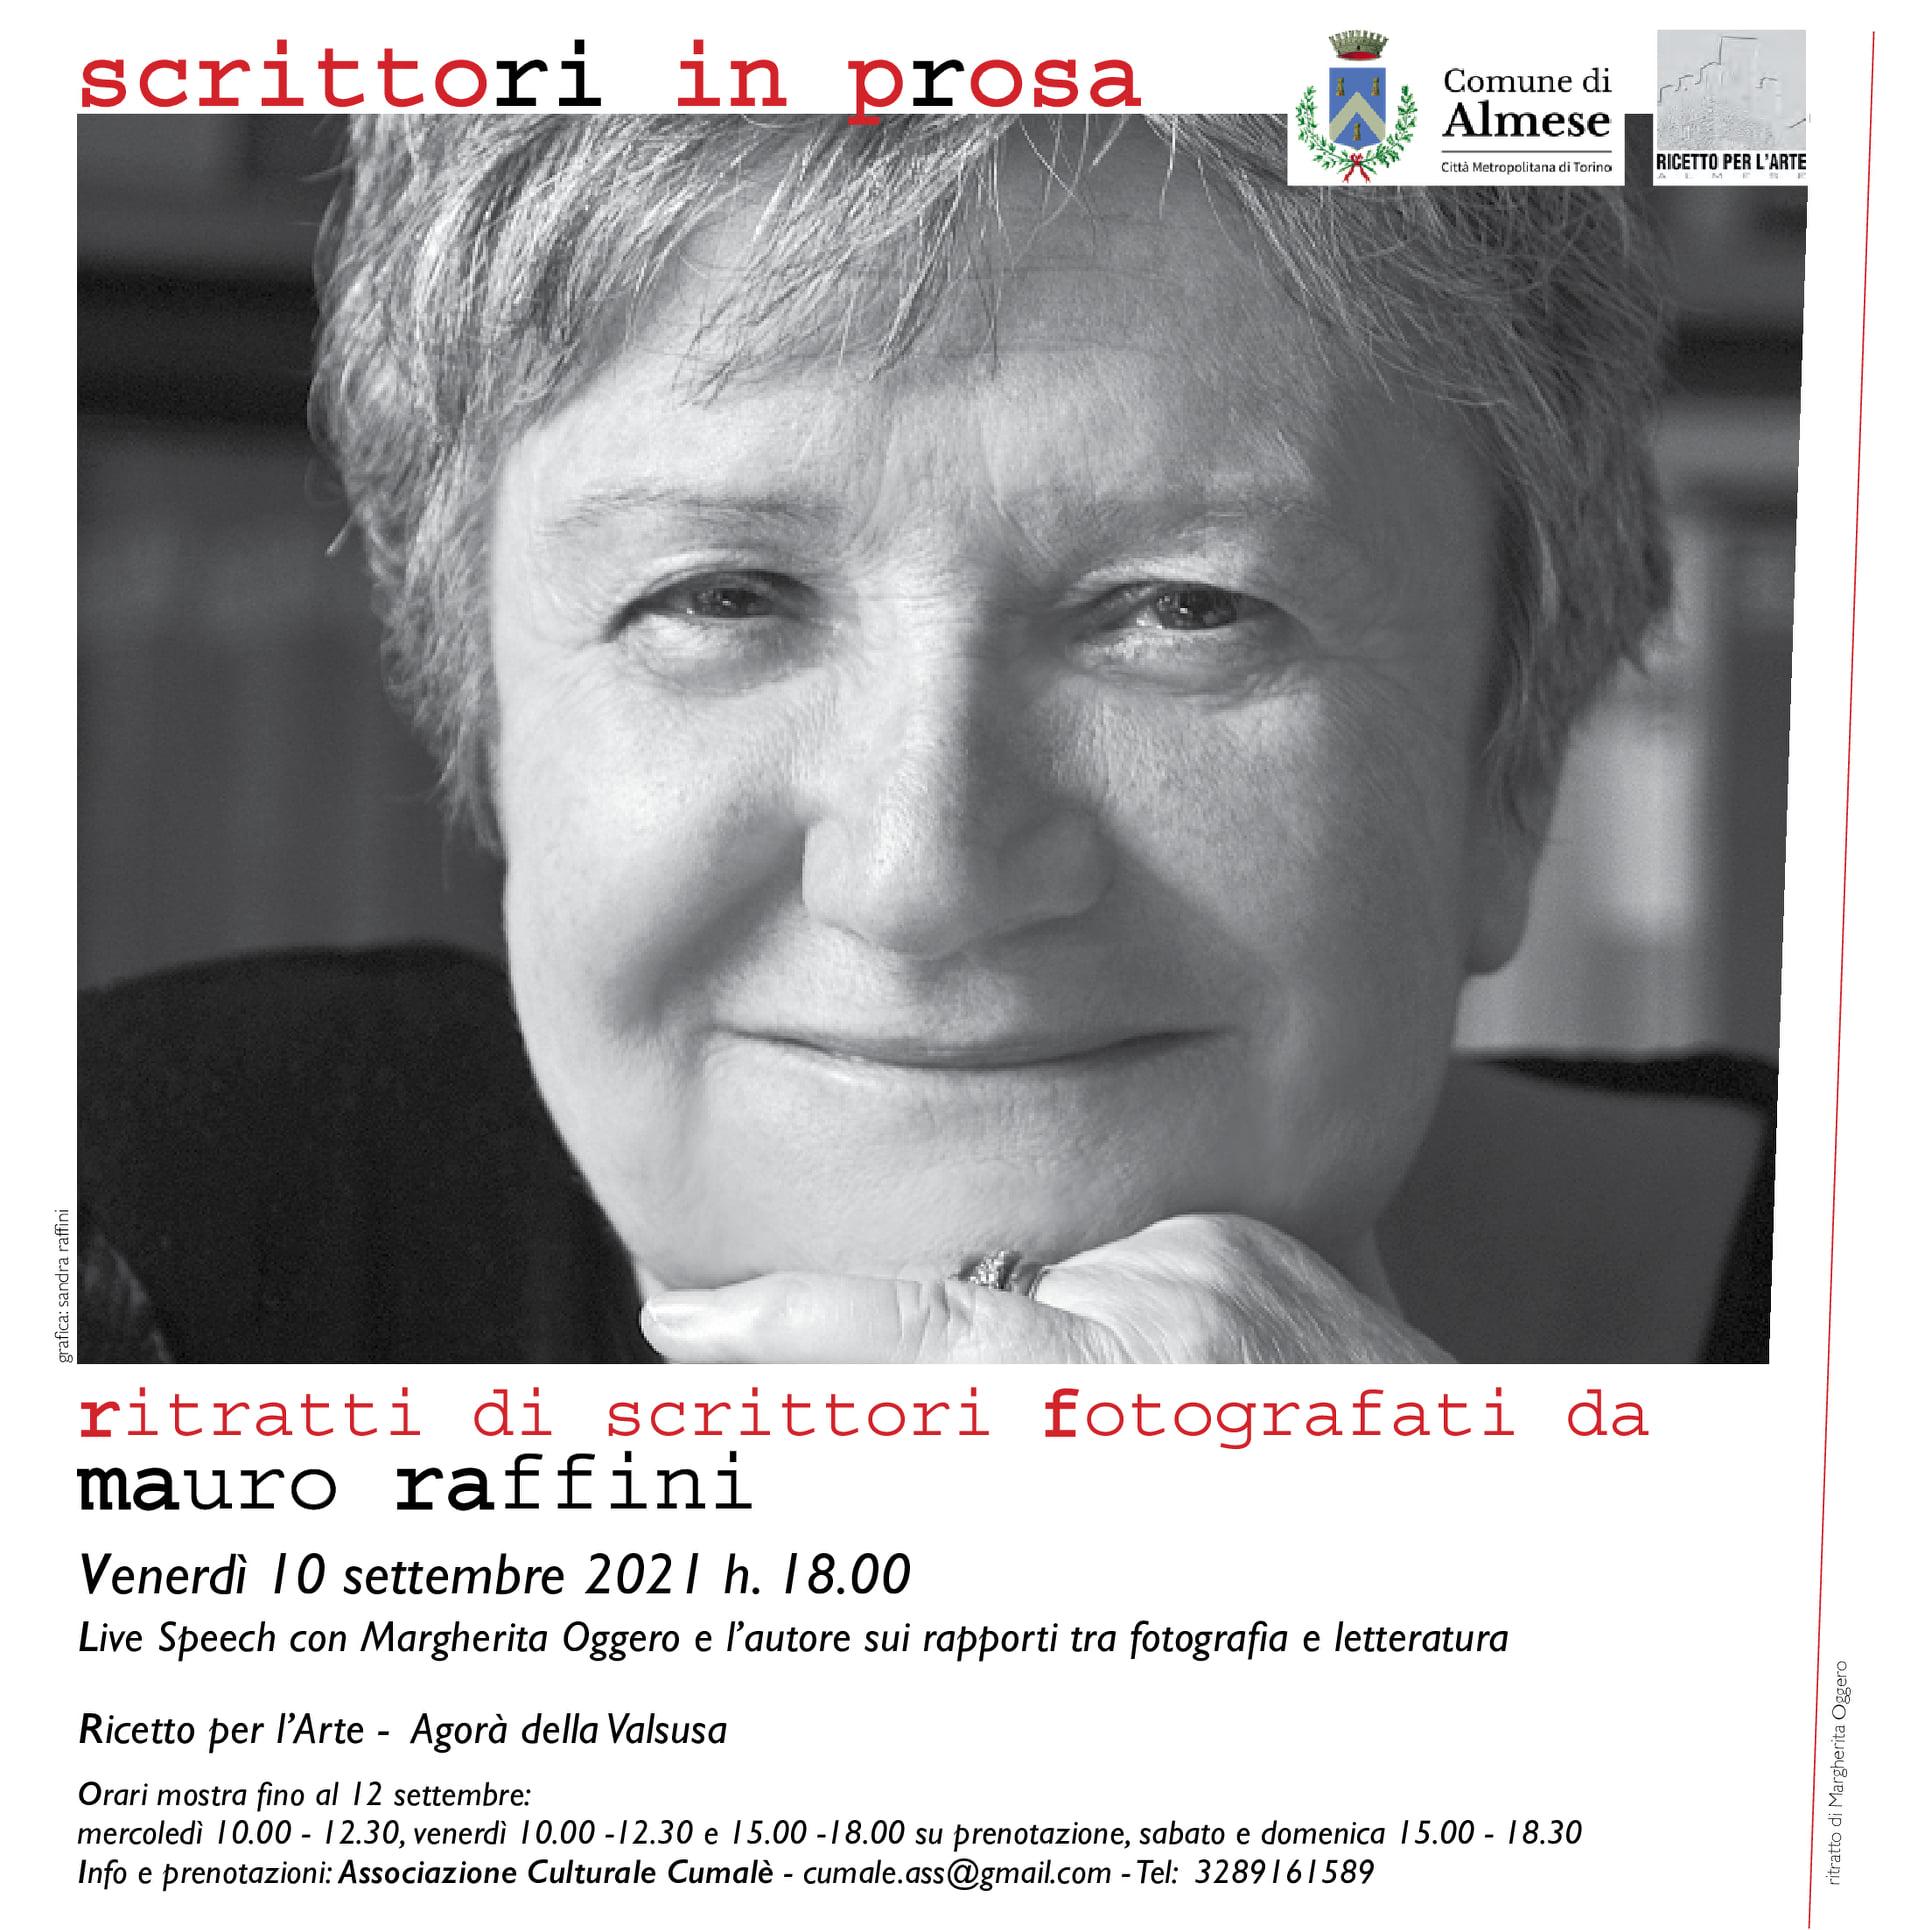 Stasera al Ricetto per l'arte di Almese aperitivo letterario con Margherita Oggero e Mauro Raffini